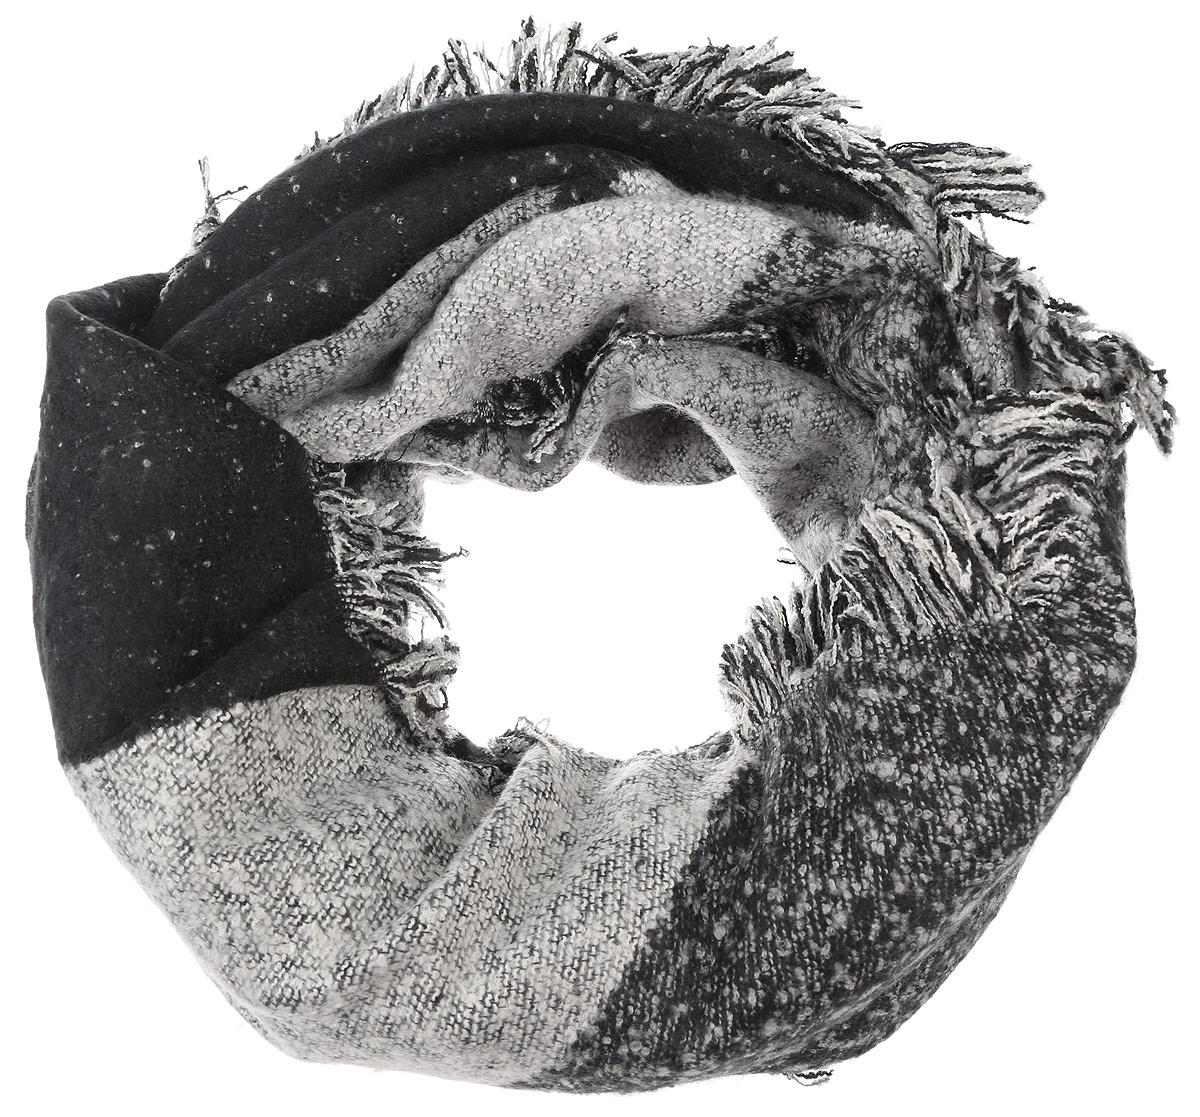 Палантин женский Sophie Ramage, цвет: серый, черный. YY-21662-26. Размер 60 см х 170 смYY-21662-26Элегантный и теплый палантин Sophie Ramage станет достойным завершением вашего образа. Палантин изготовлен из акрила и шерсти. Модель оформлена оригинальным принтом в виде крупных ромбов, а по краям дополнена бахромой. Палантин красиво драпируется, он превосходно дополнит любой наряд и подчеркнет ваш изысканный вкус. Такой палантин привнесет в ваш образ утонченность и шарм.